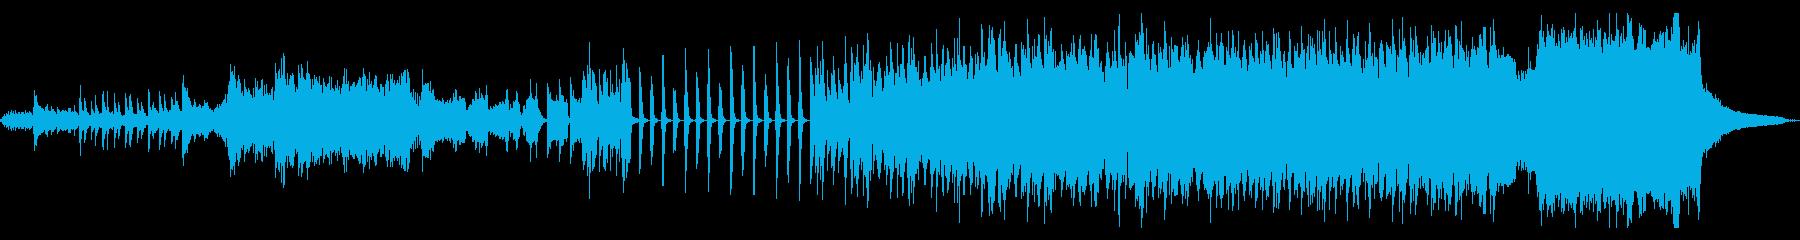 インストゥルメンタル、アルペジエー...の再生済みの波形